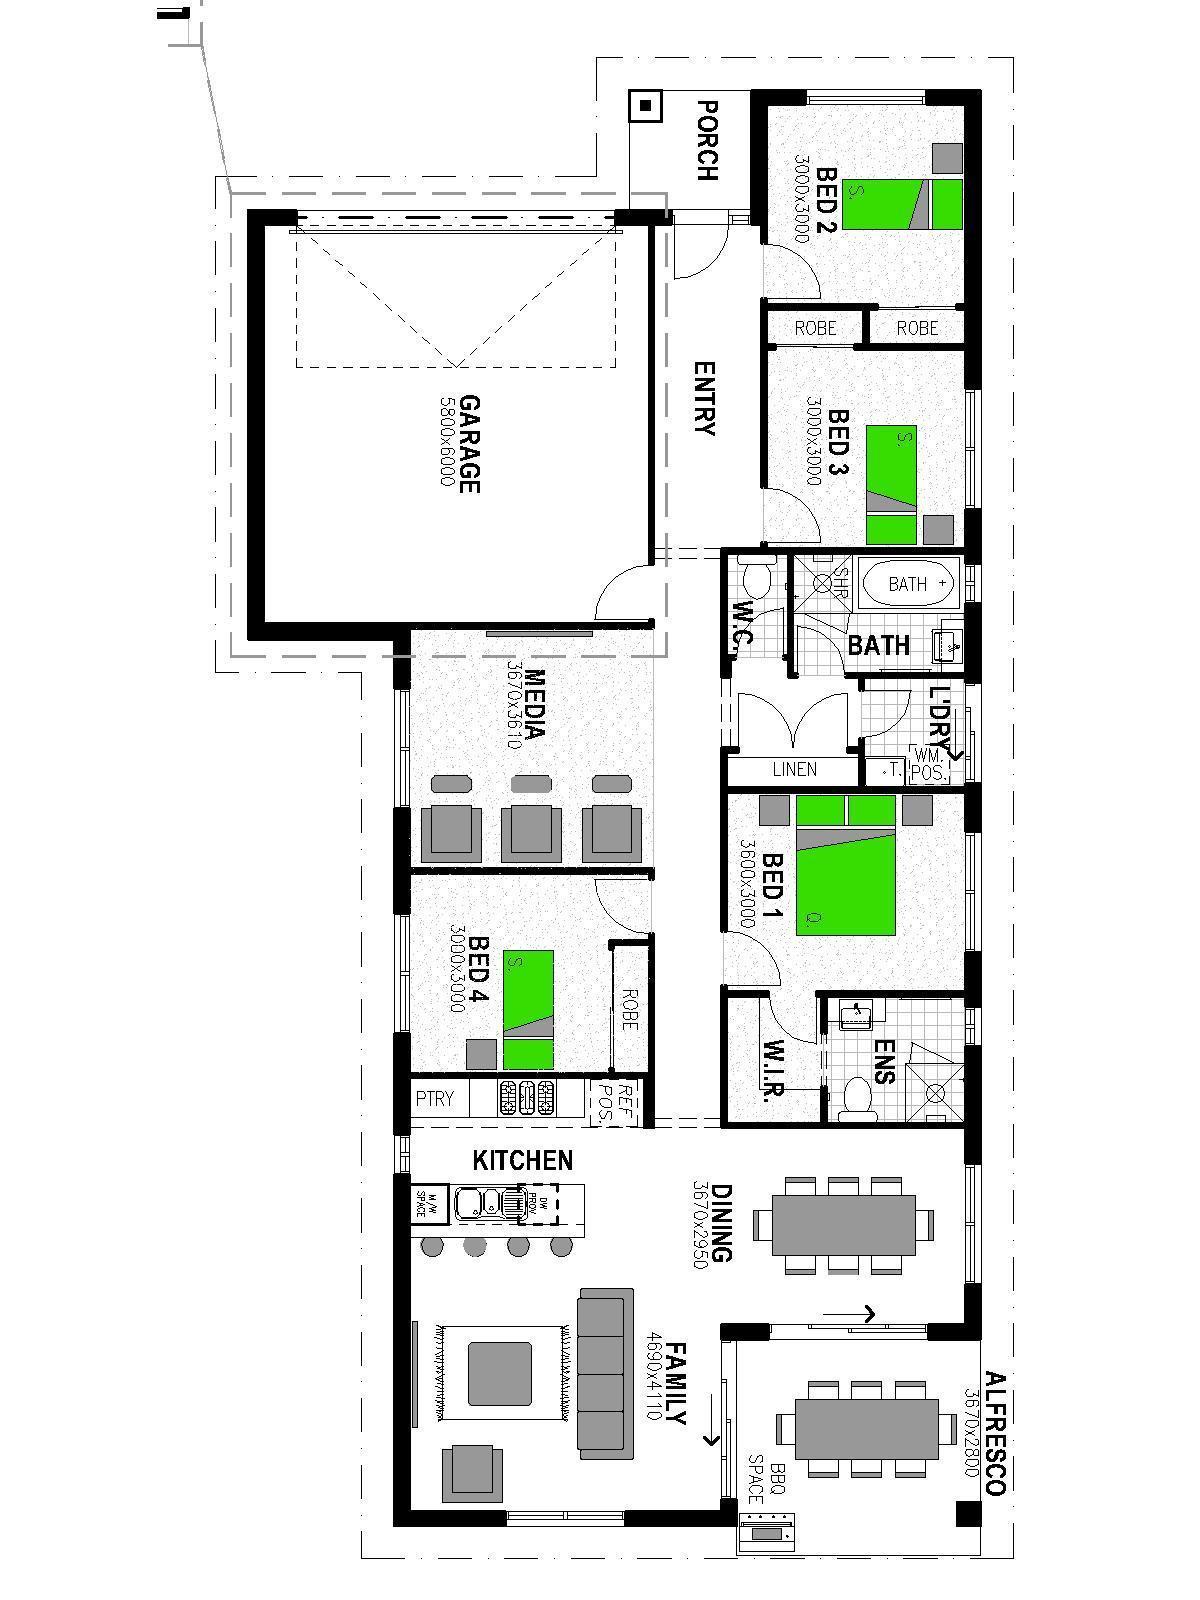 LOT 119 HAYFIELD ESTATE RIPLEY Floorplan